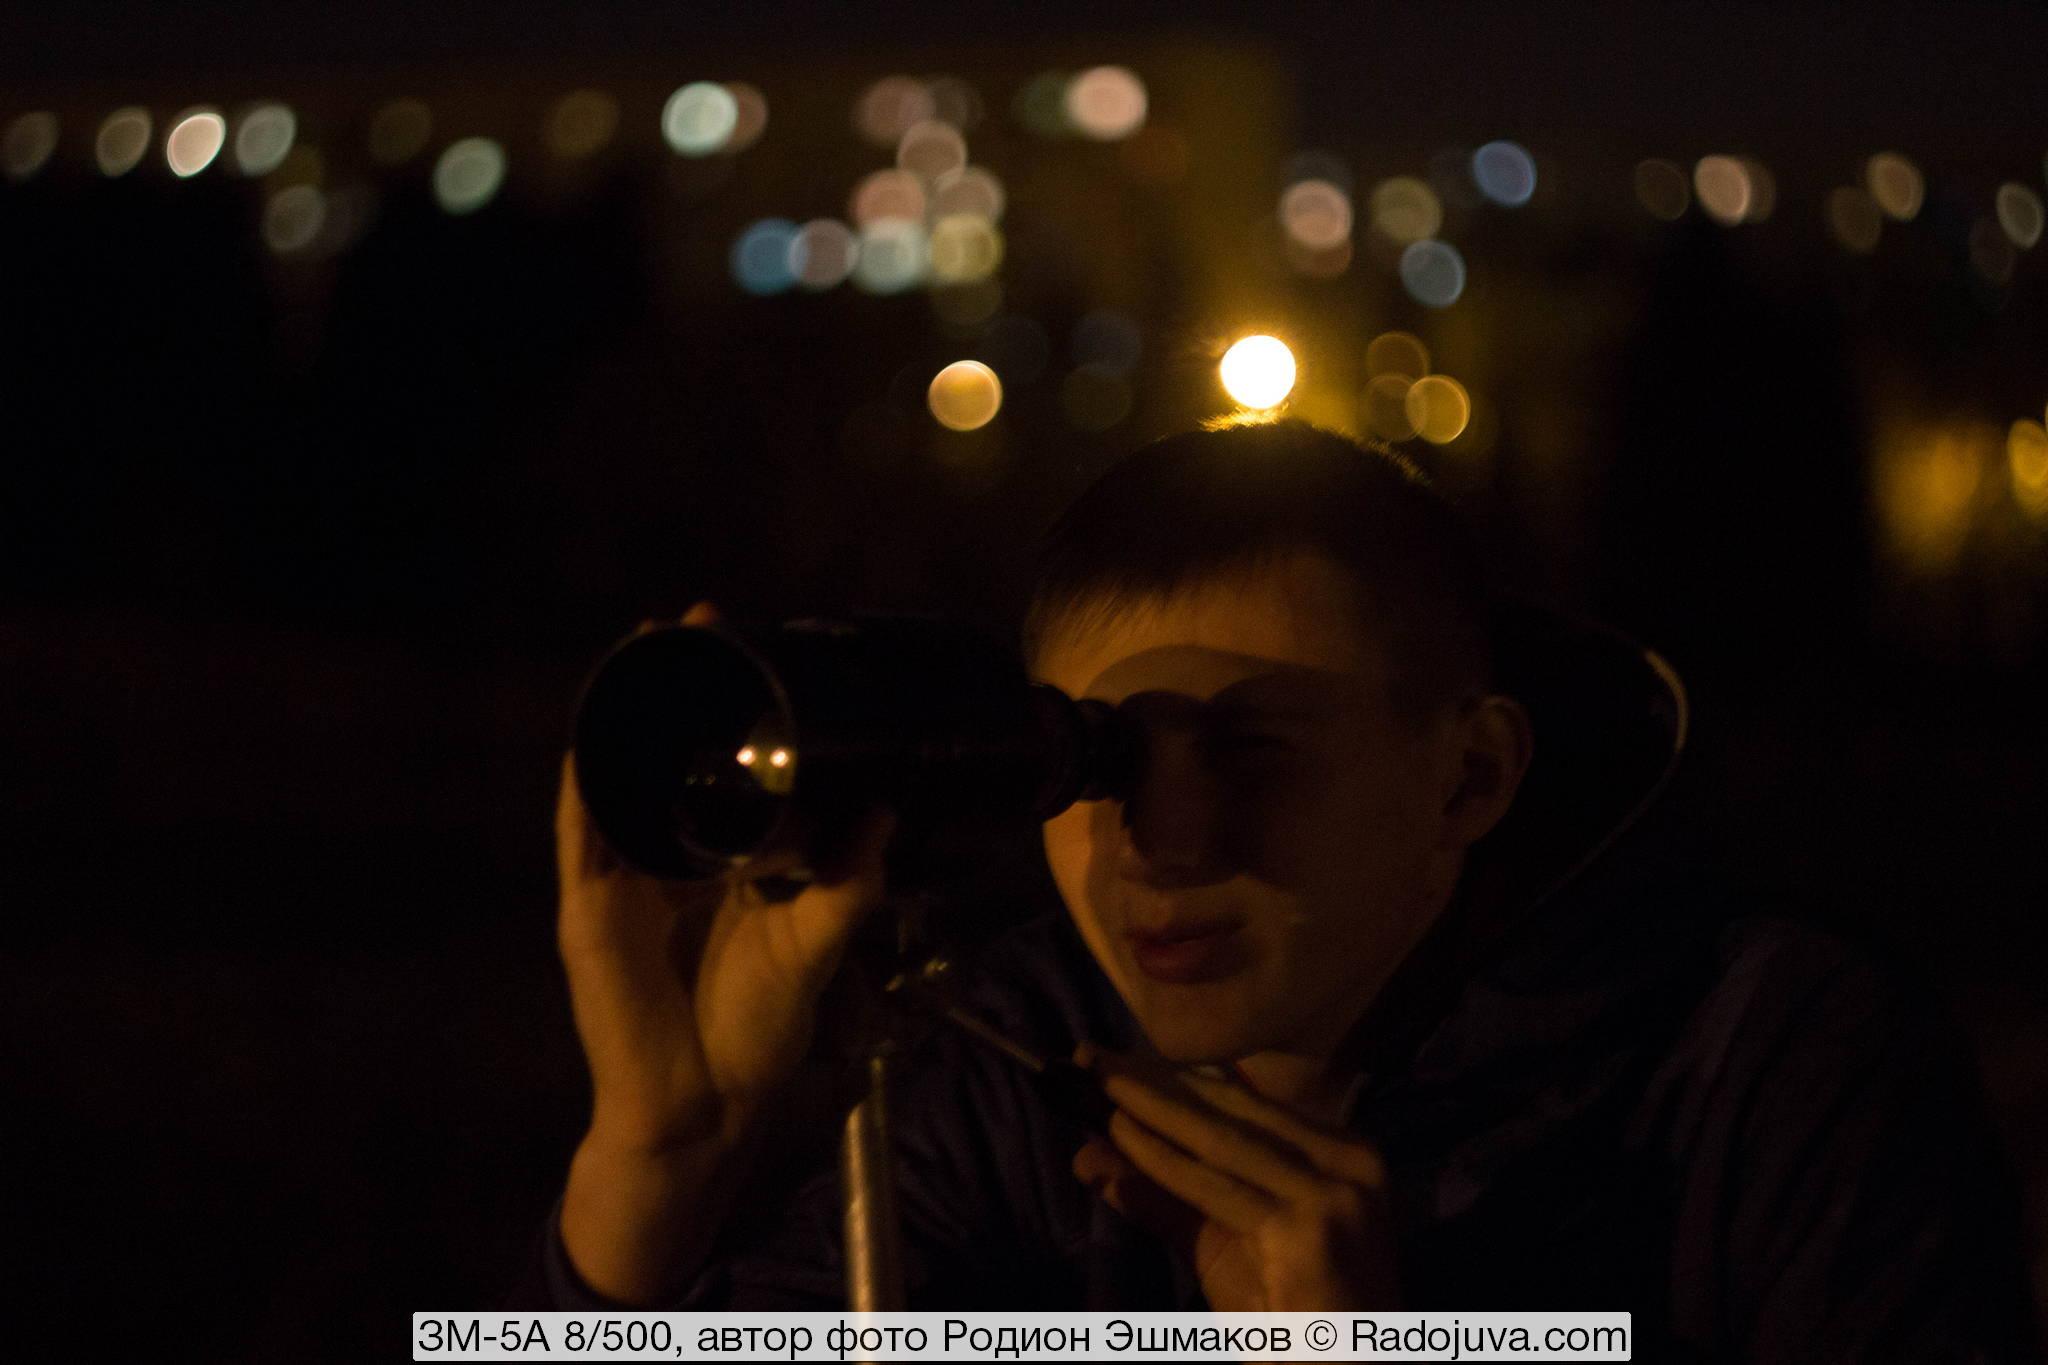 Наблюдения в ЗМ-5А, установленный на тяжелый штатив Москинап